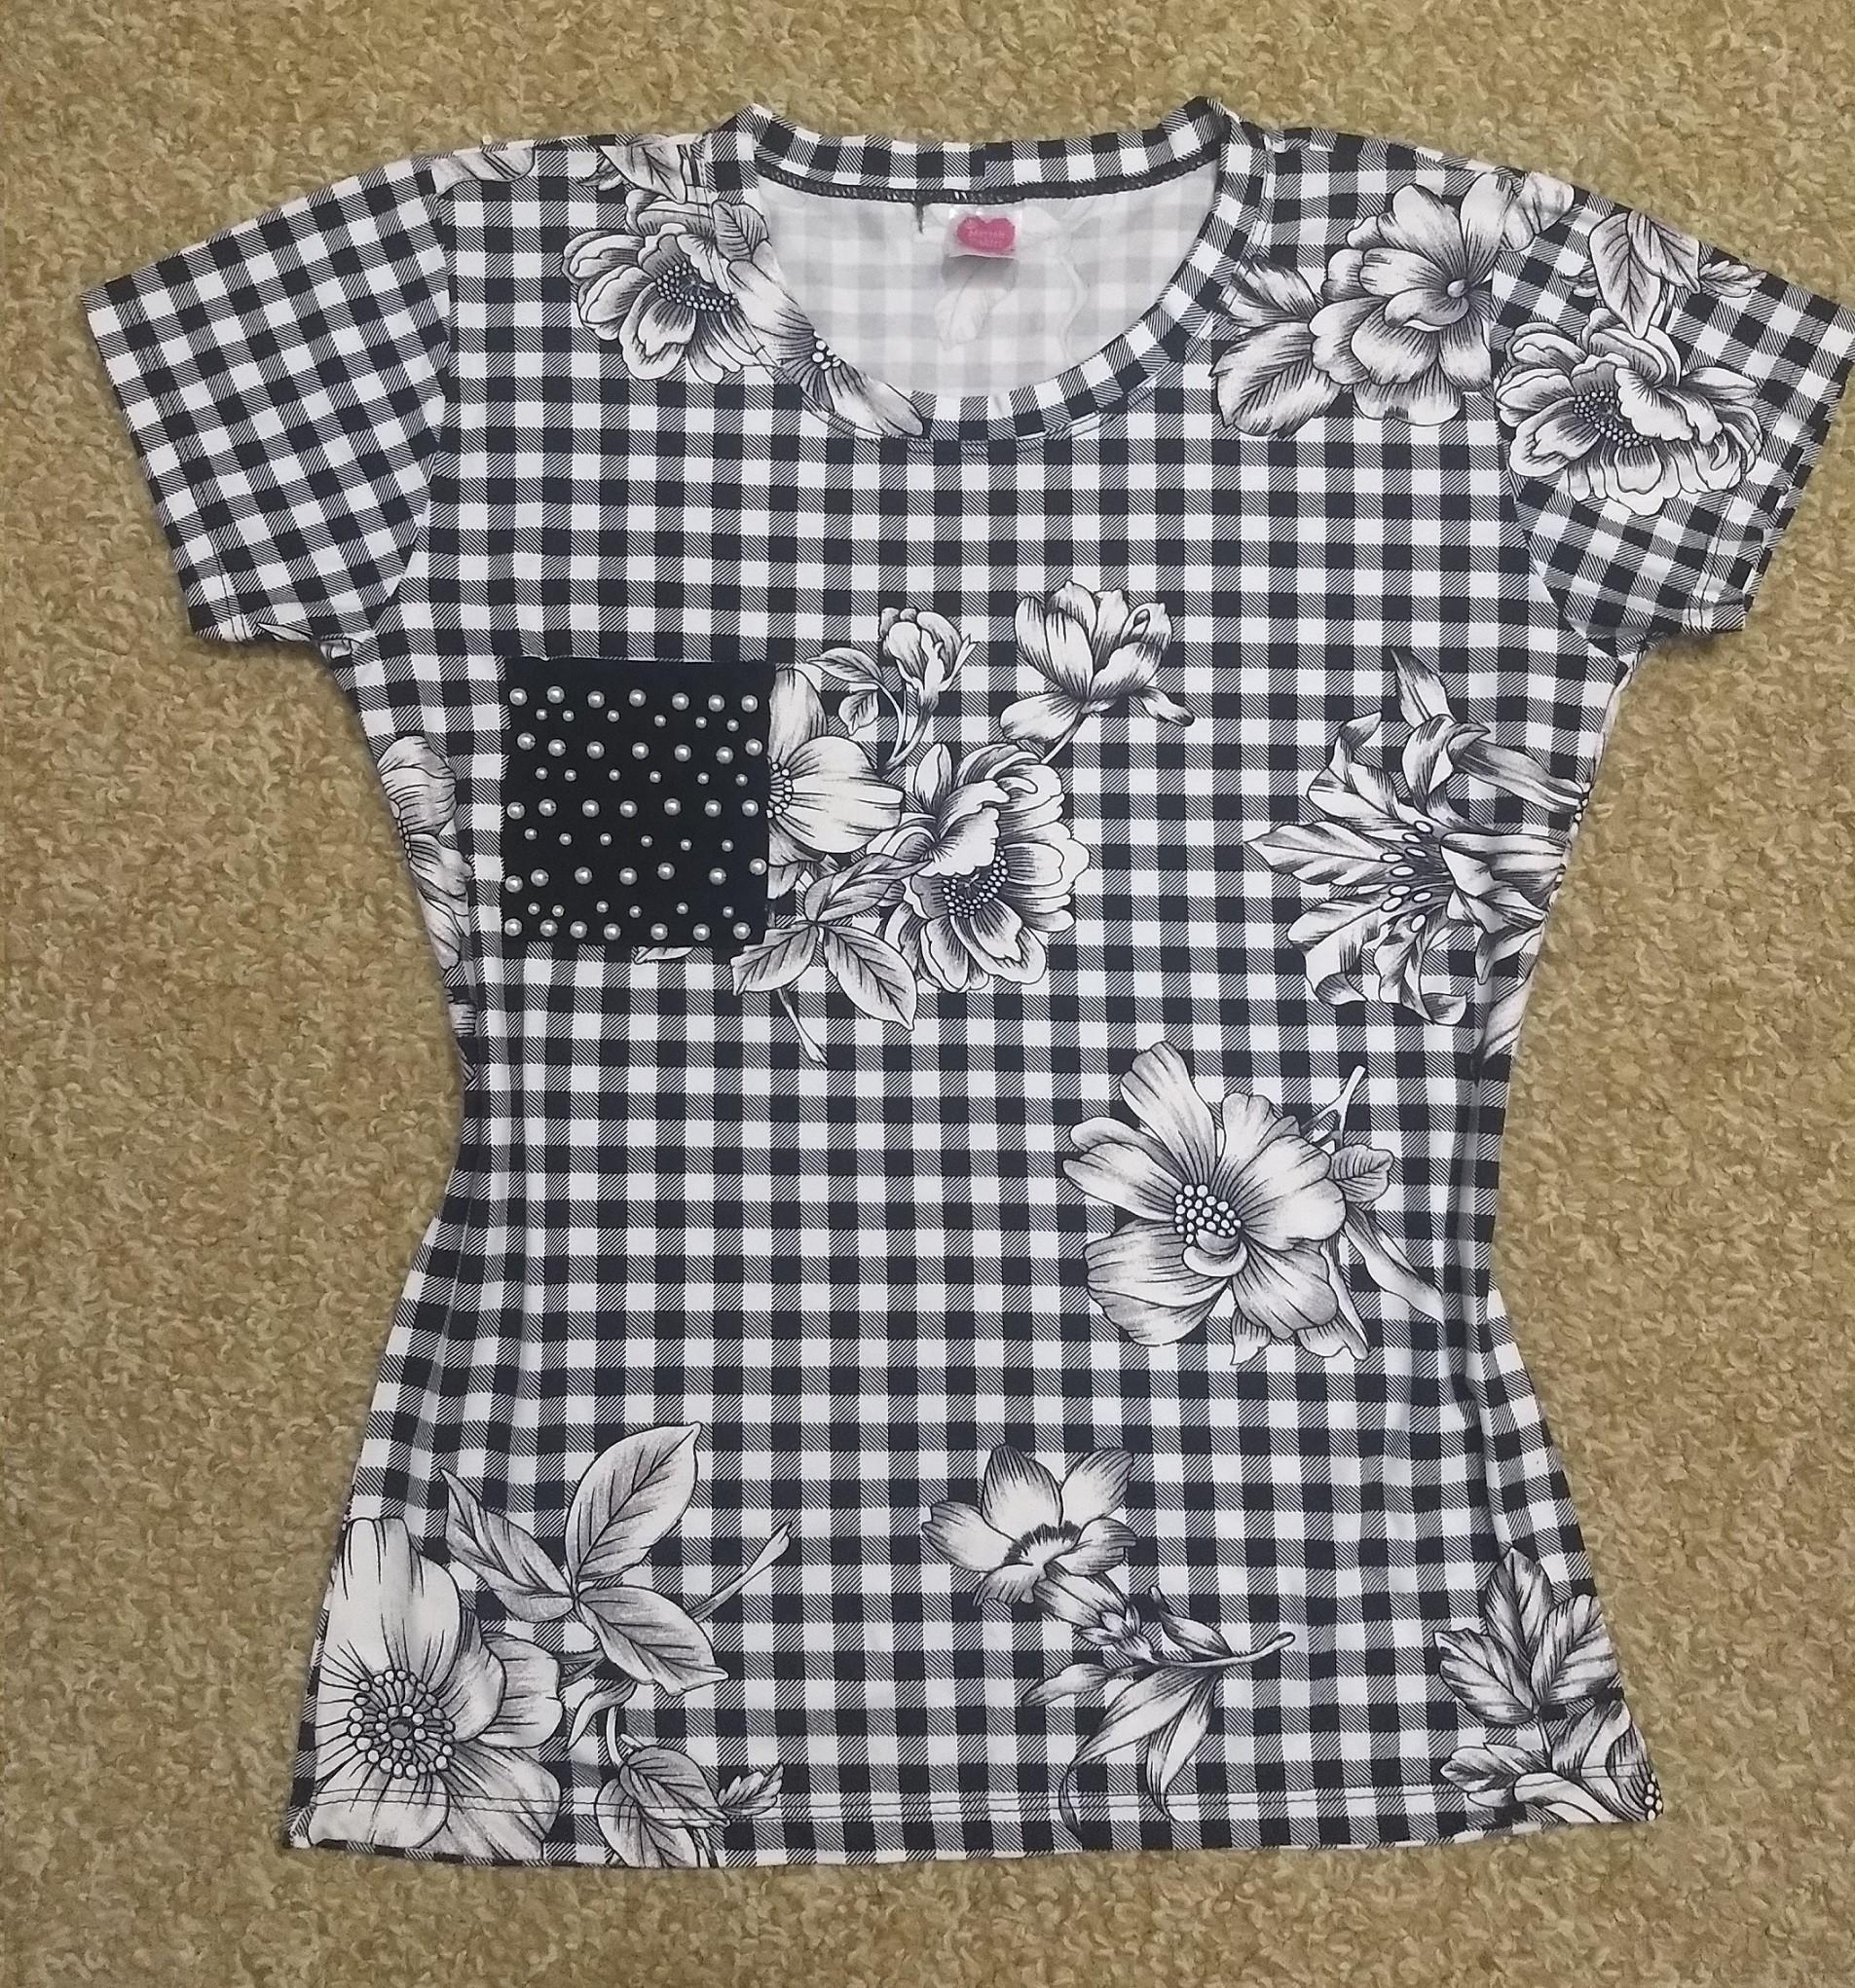 Camiseta bordada Xadrez com bolsinho de pérolas no Elo7  ca01fa986ec89